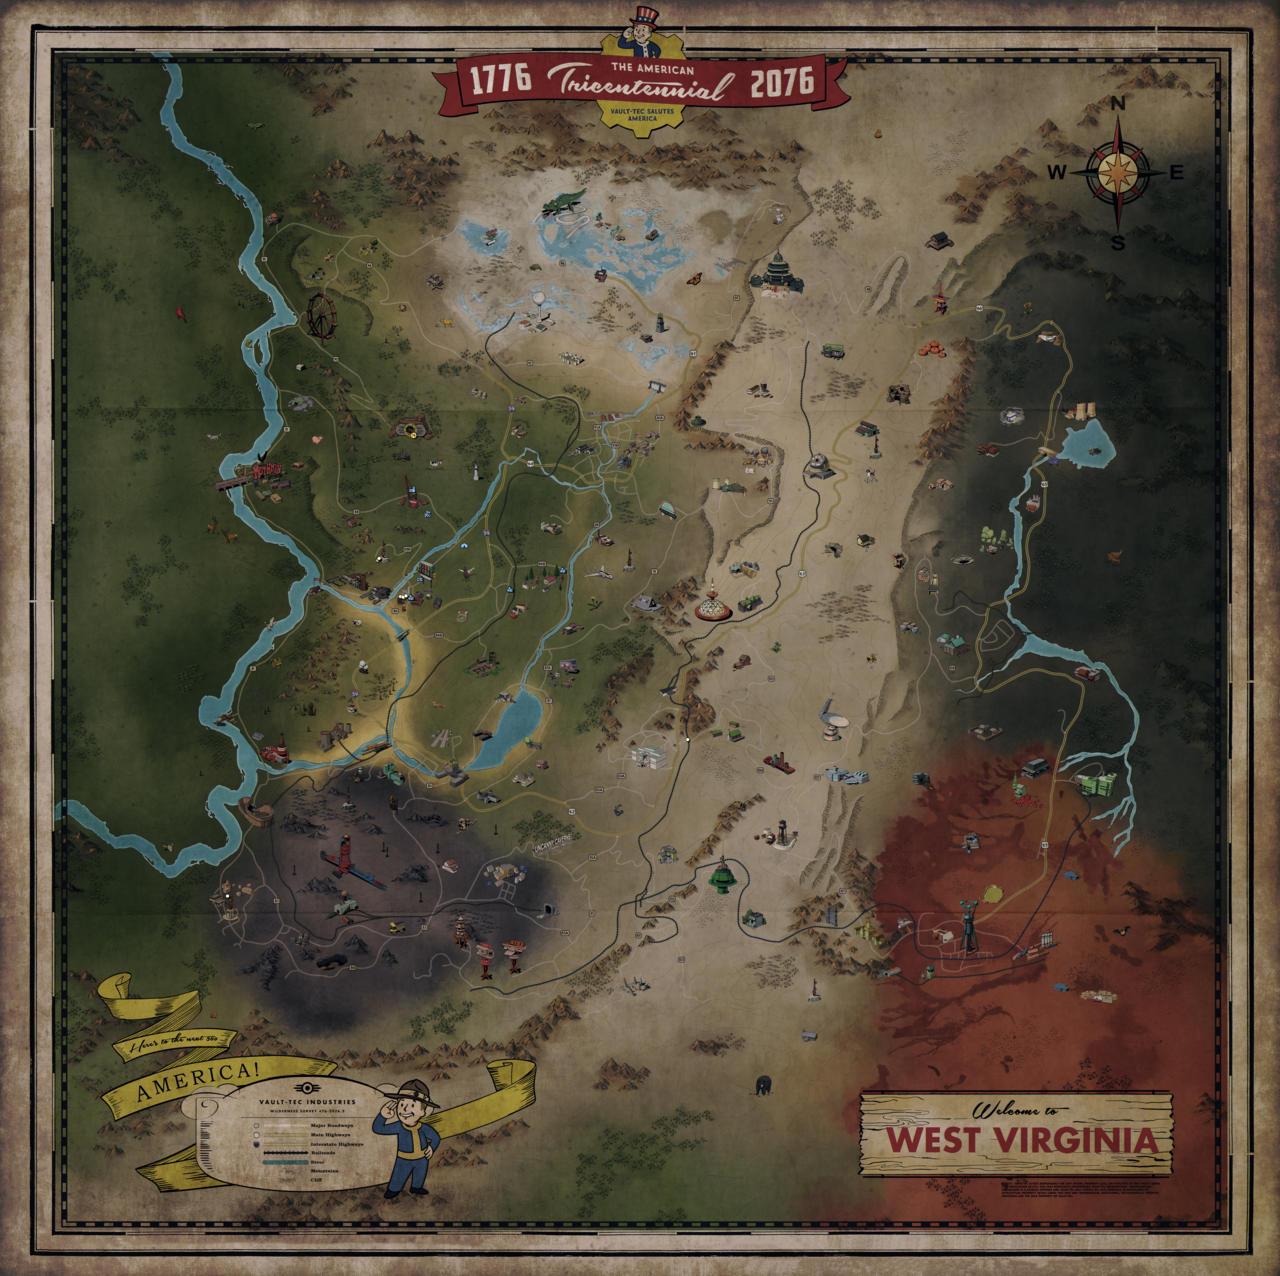 Poslechněte si ústřední skladbu Falloutu 76 Fallout 4 mapa